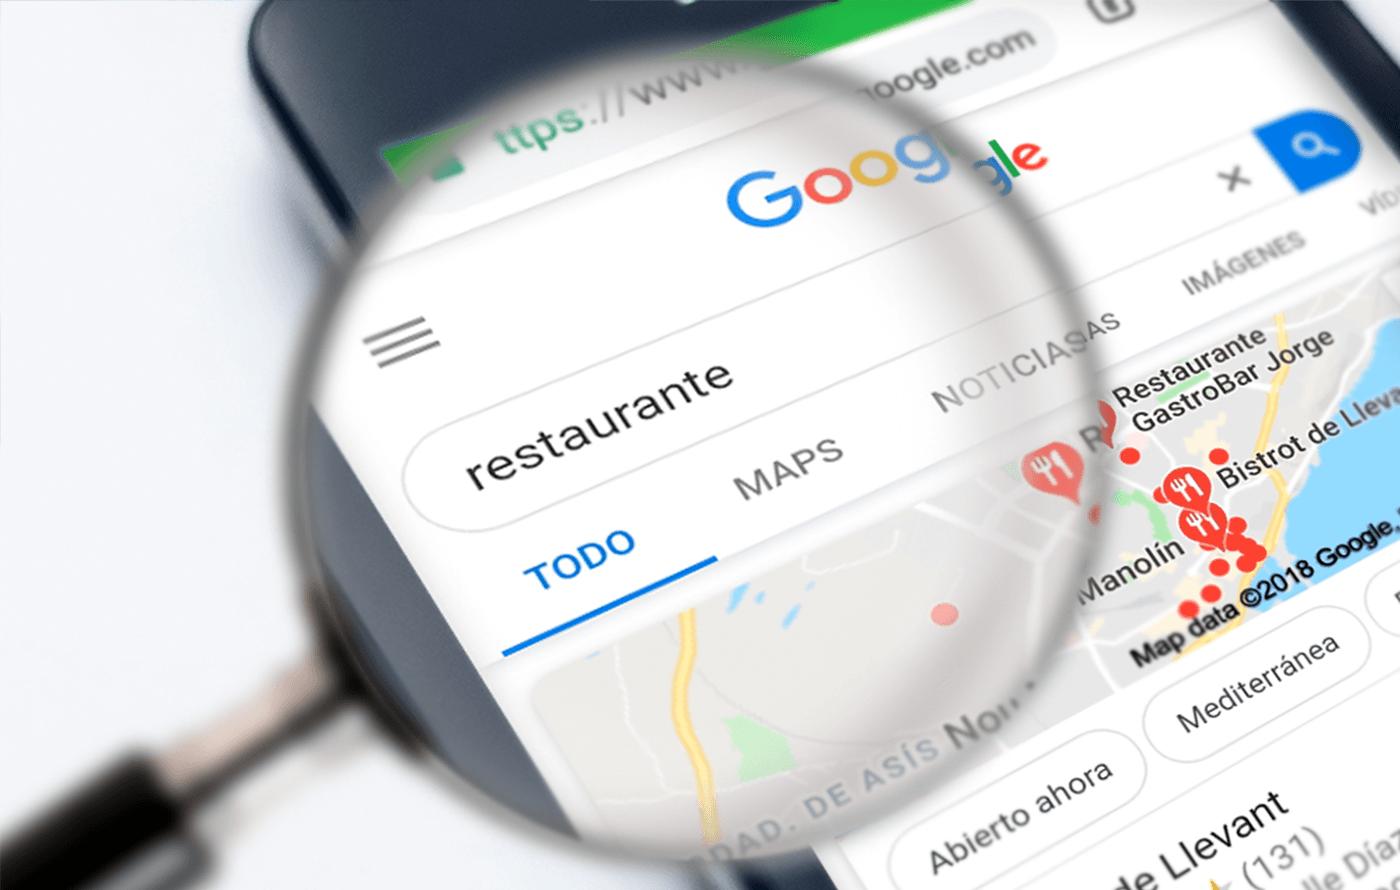 imagen de búsqueda de restaurantes posicionamiento web SEO ejemplo busquedad